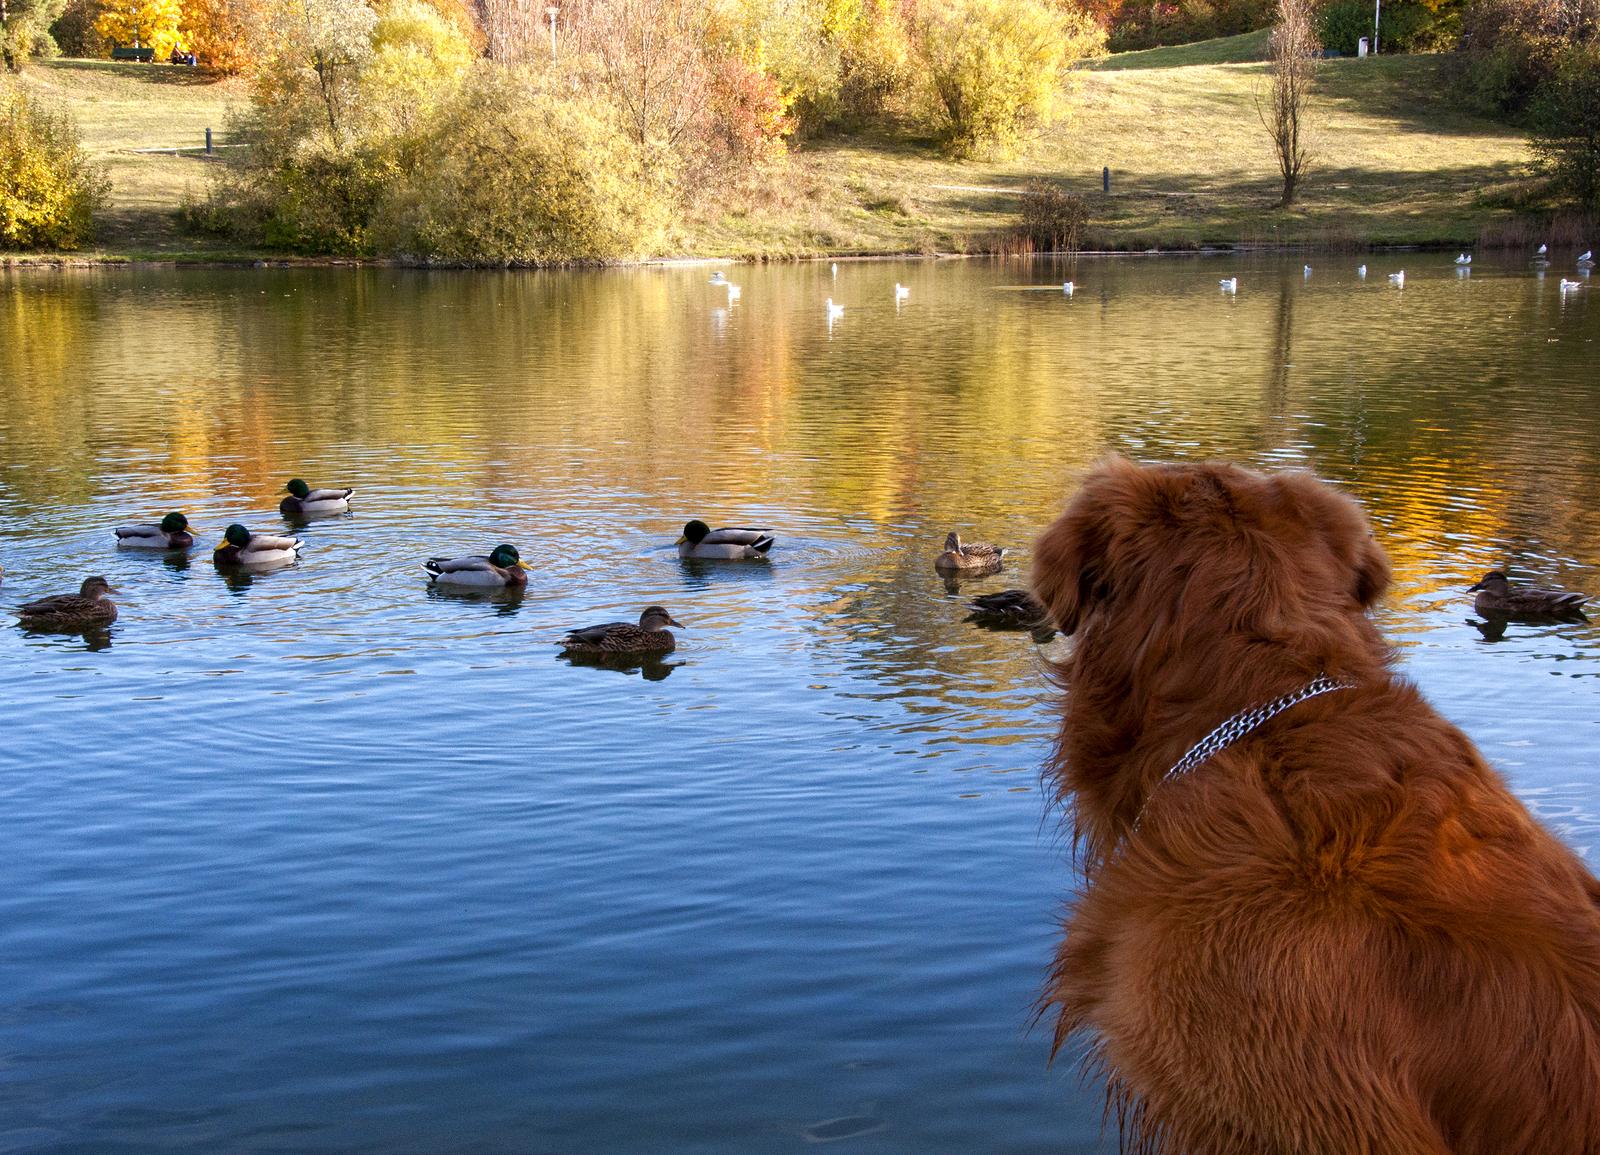 bigstock-Dog-Watching-Ducks-22854743.jpg